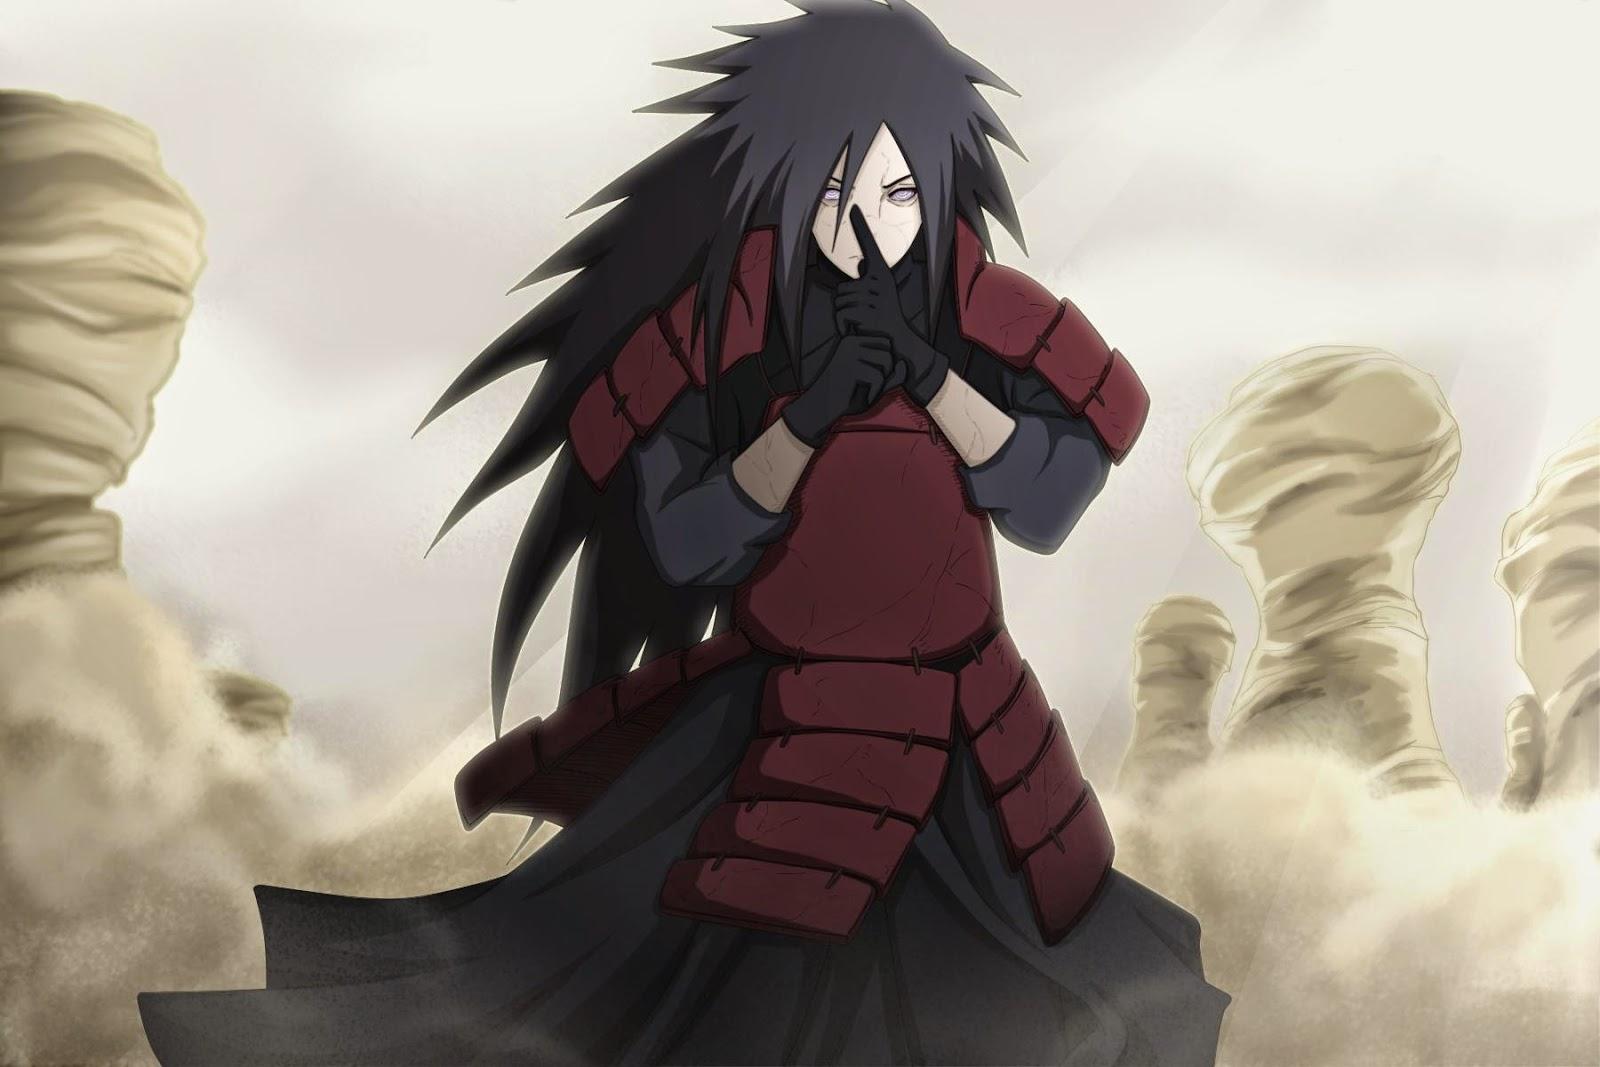 Dari anime paling dikenal sejagad setelah dihidupkan kembali oleh kabuto dia memasuki perang dunia ninja ke 4 dan menghancurkan pasukan aliansi shinobi